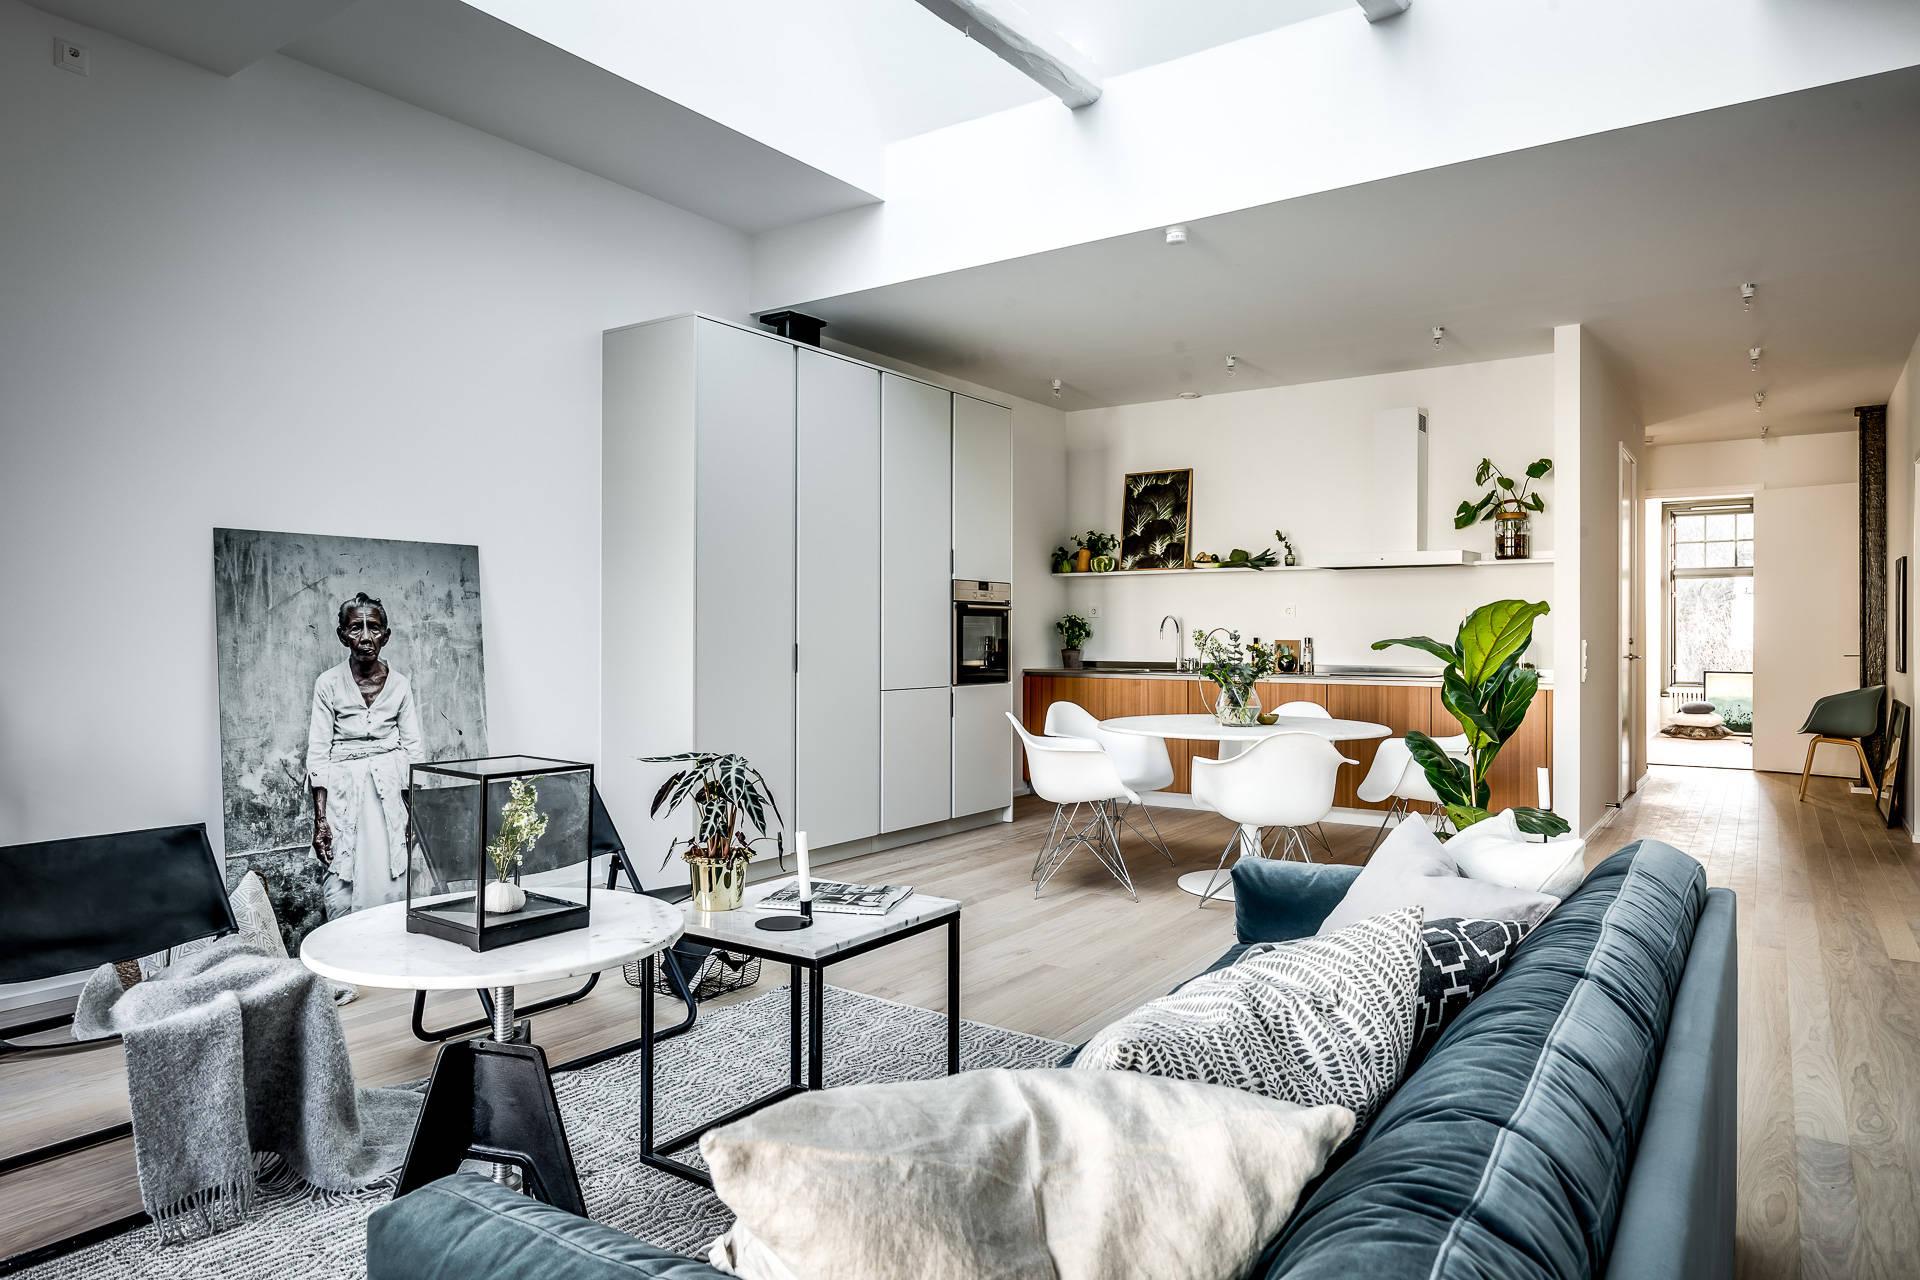 гостиная кухня диван журнальный столик ковер кресло обеденный стол половая доска высокий потолок